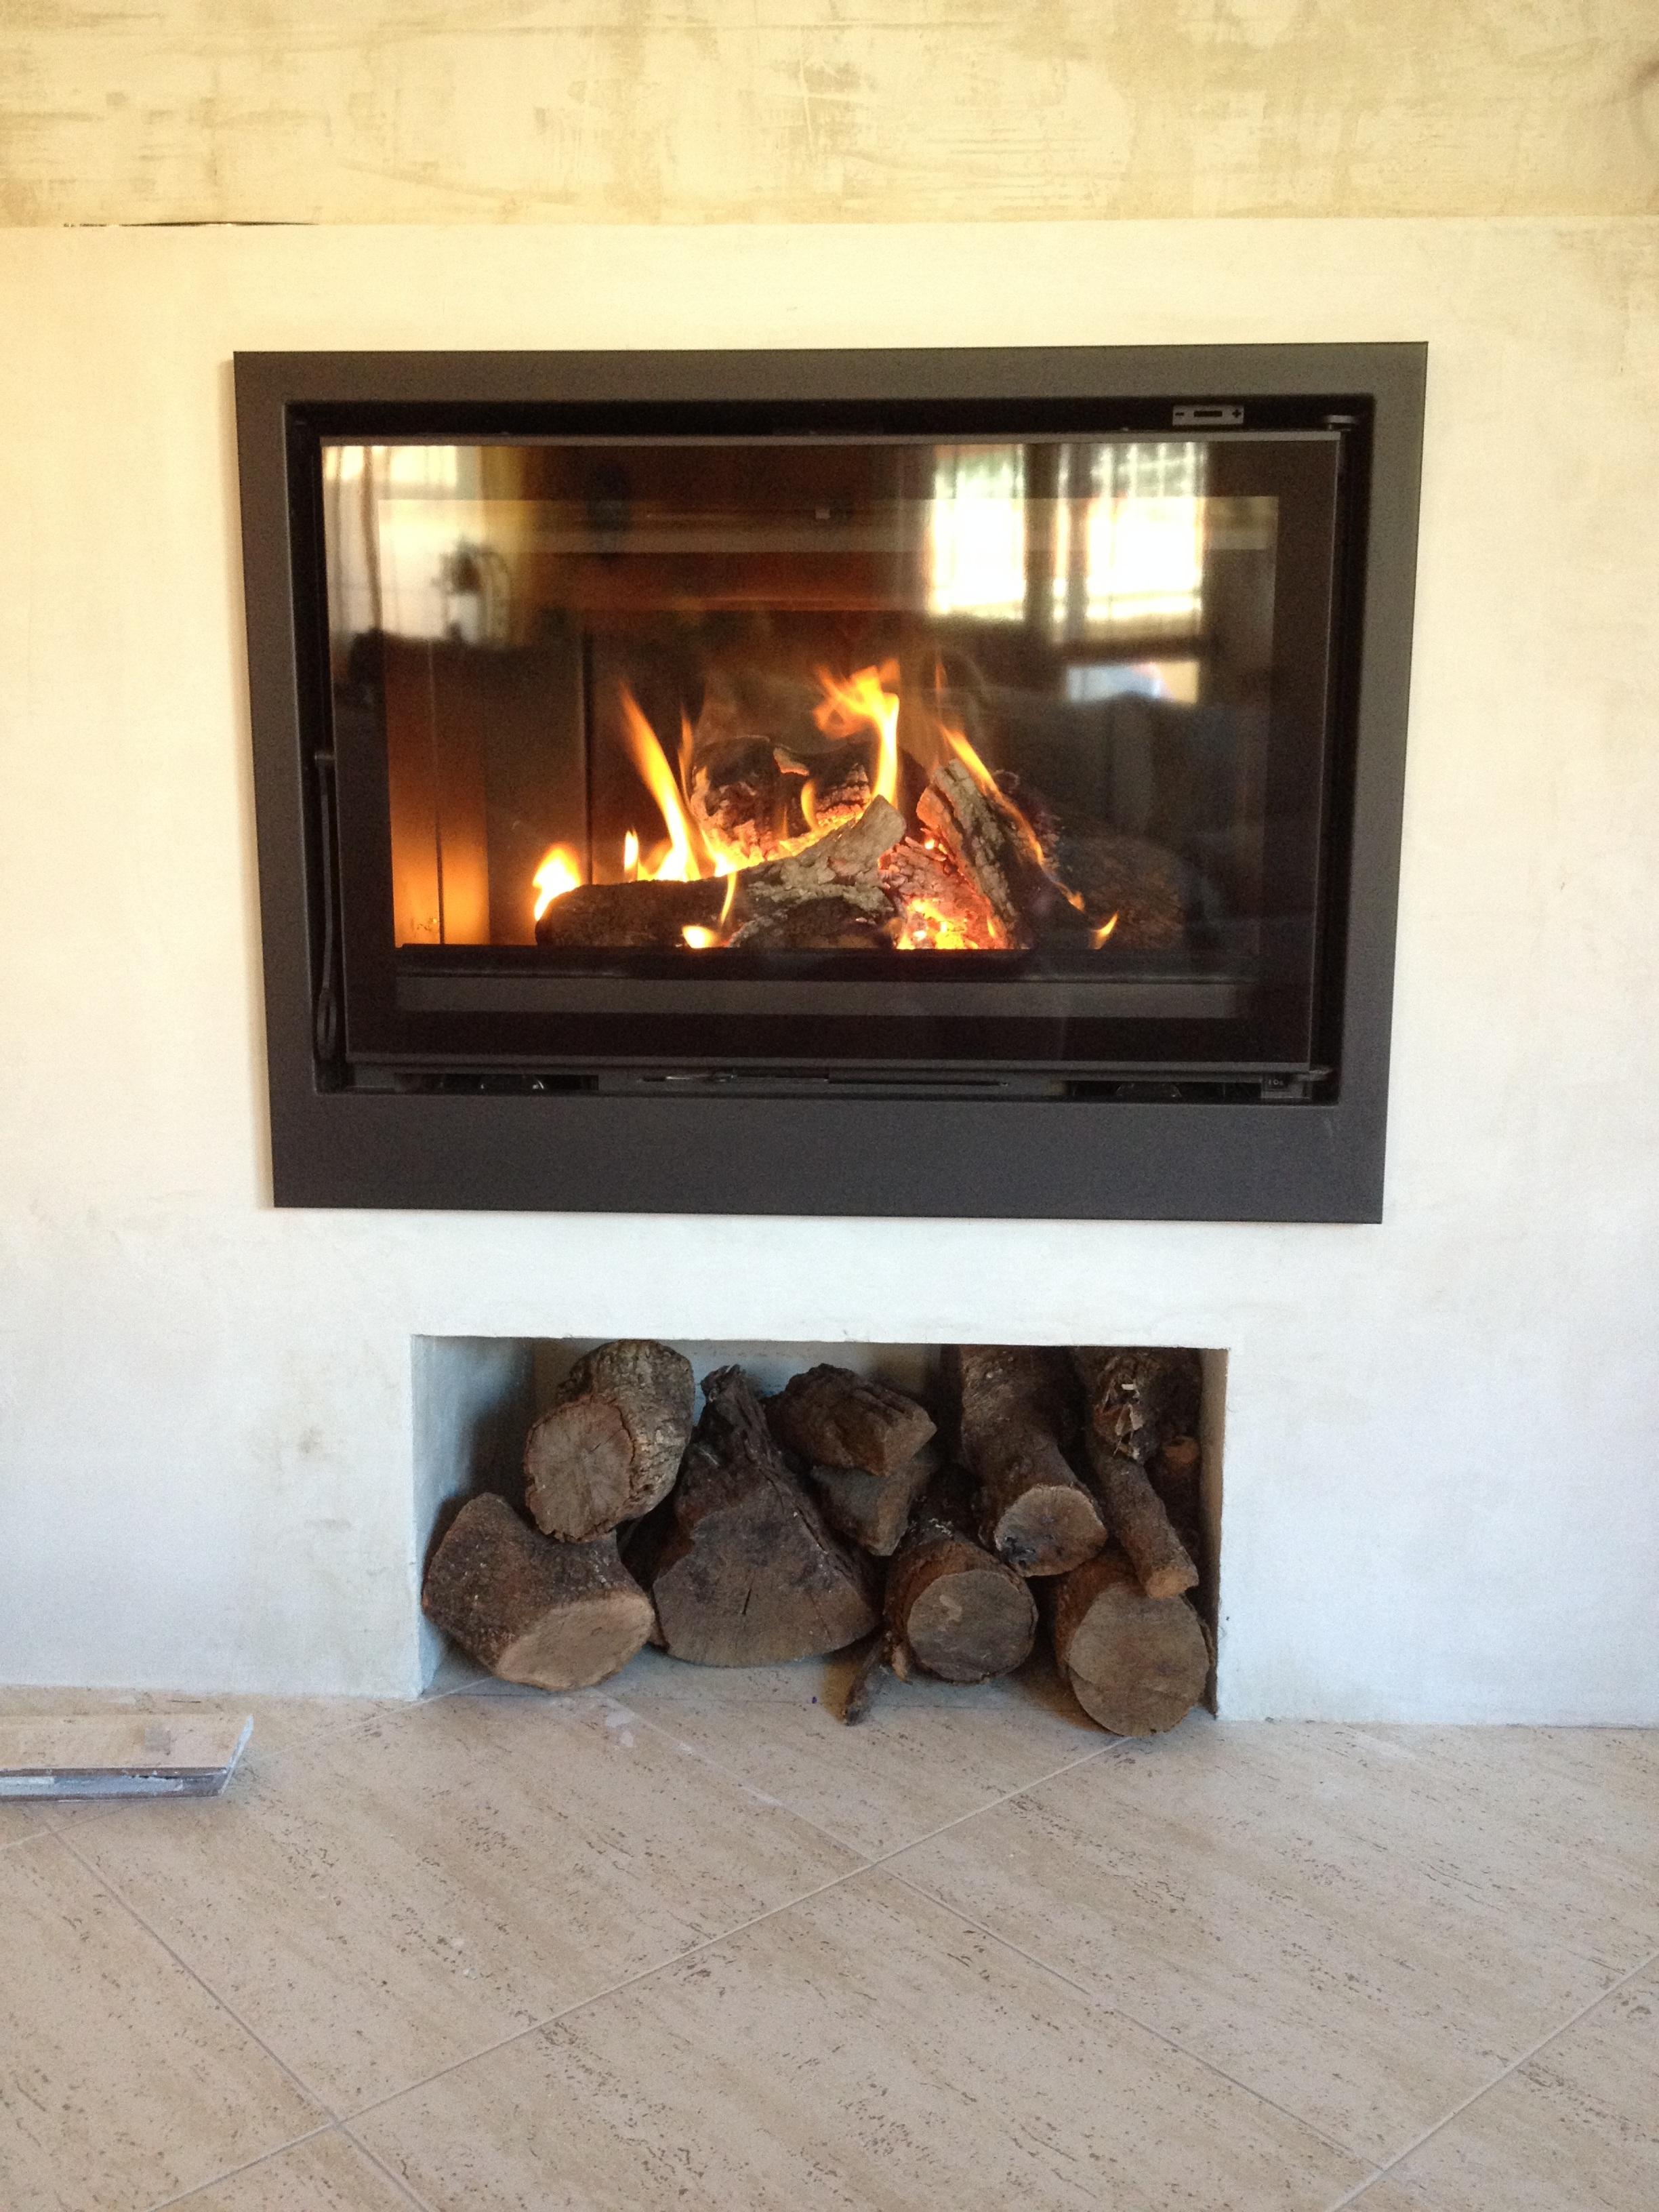 winter holz stock zuhause flamme feuer kamin wohnzimmer hitze hartholz feuerstelle holzofen feuerholz schneiden - Wohnzimmer Feuer